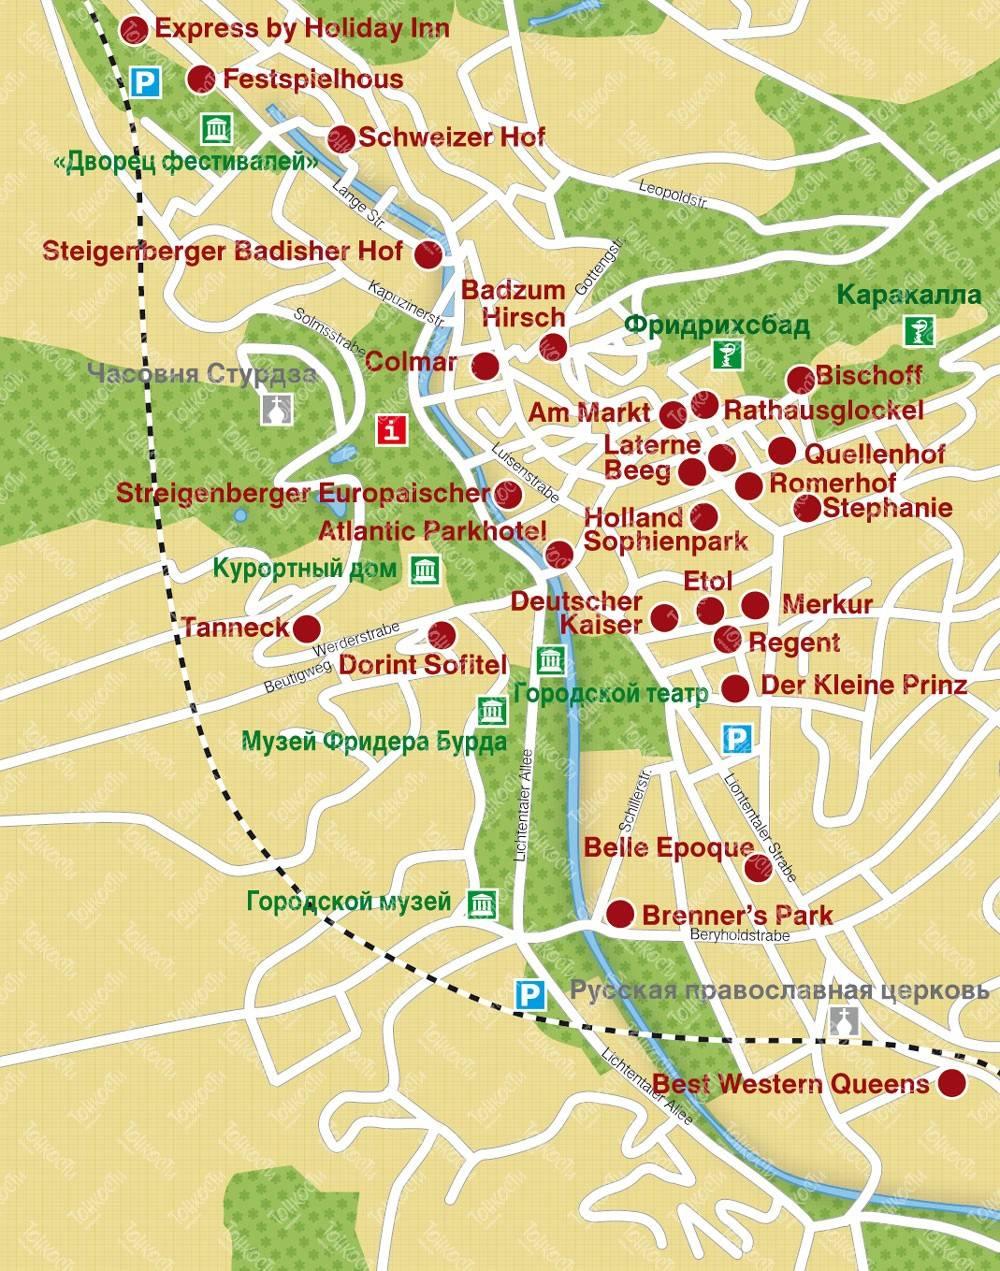 Топ 20 — достопримечательности бадена (австрия) - фото, описание, что посмотреть в бадене